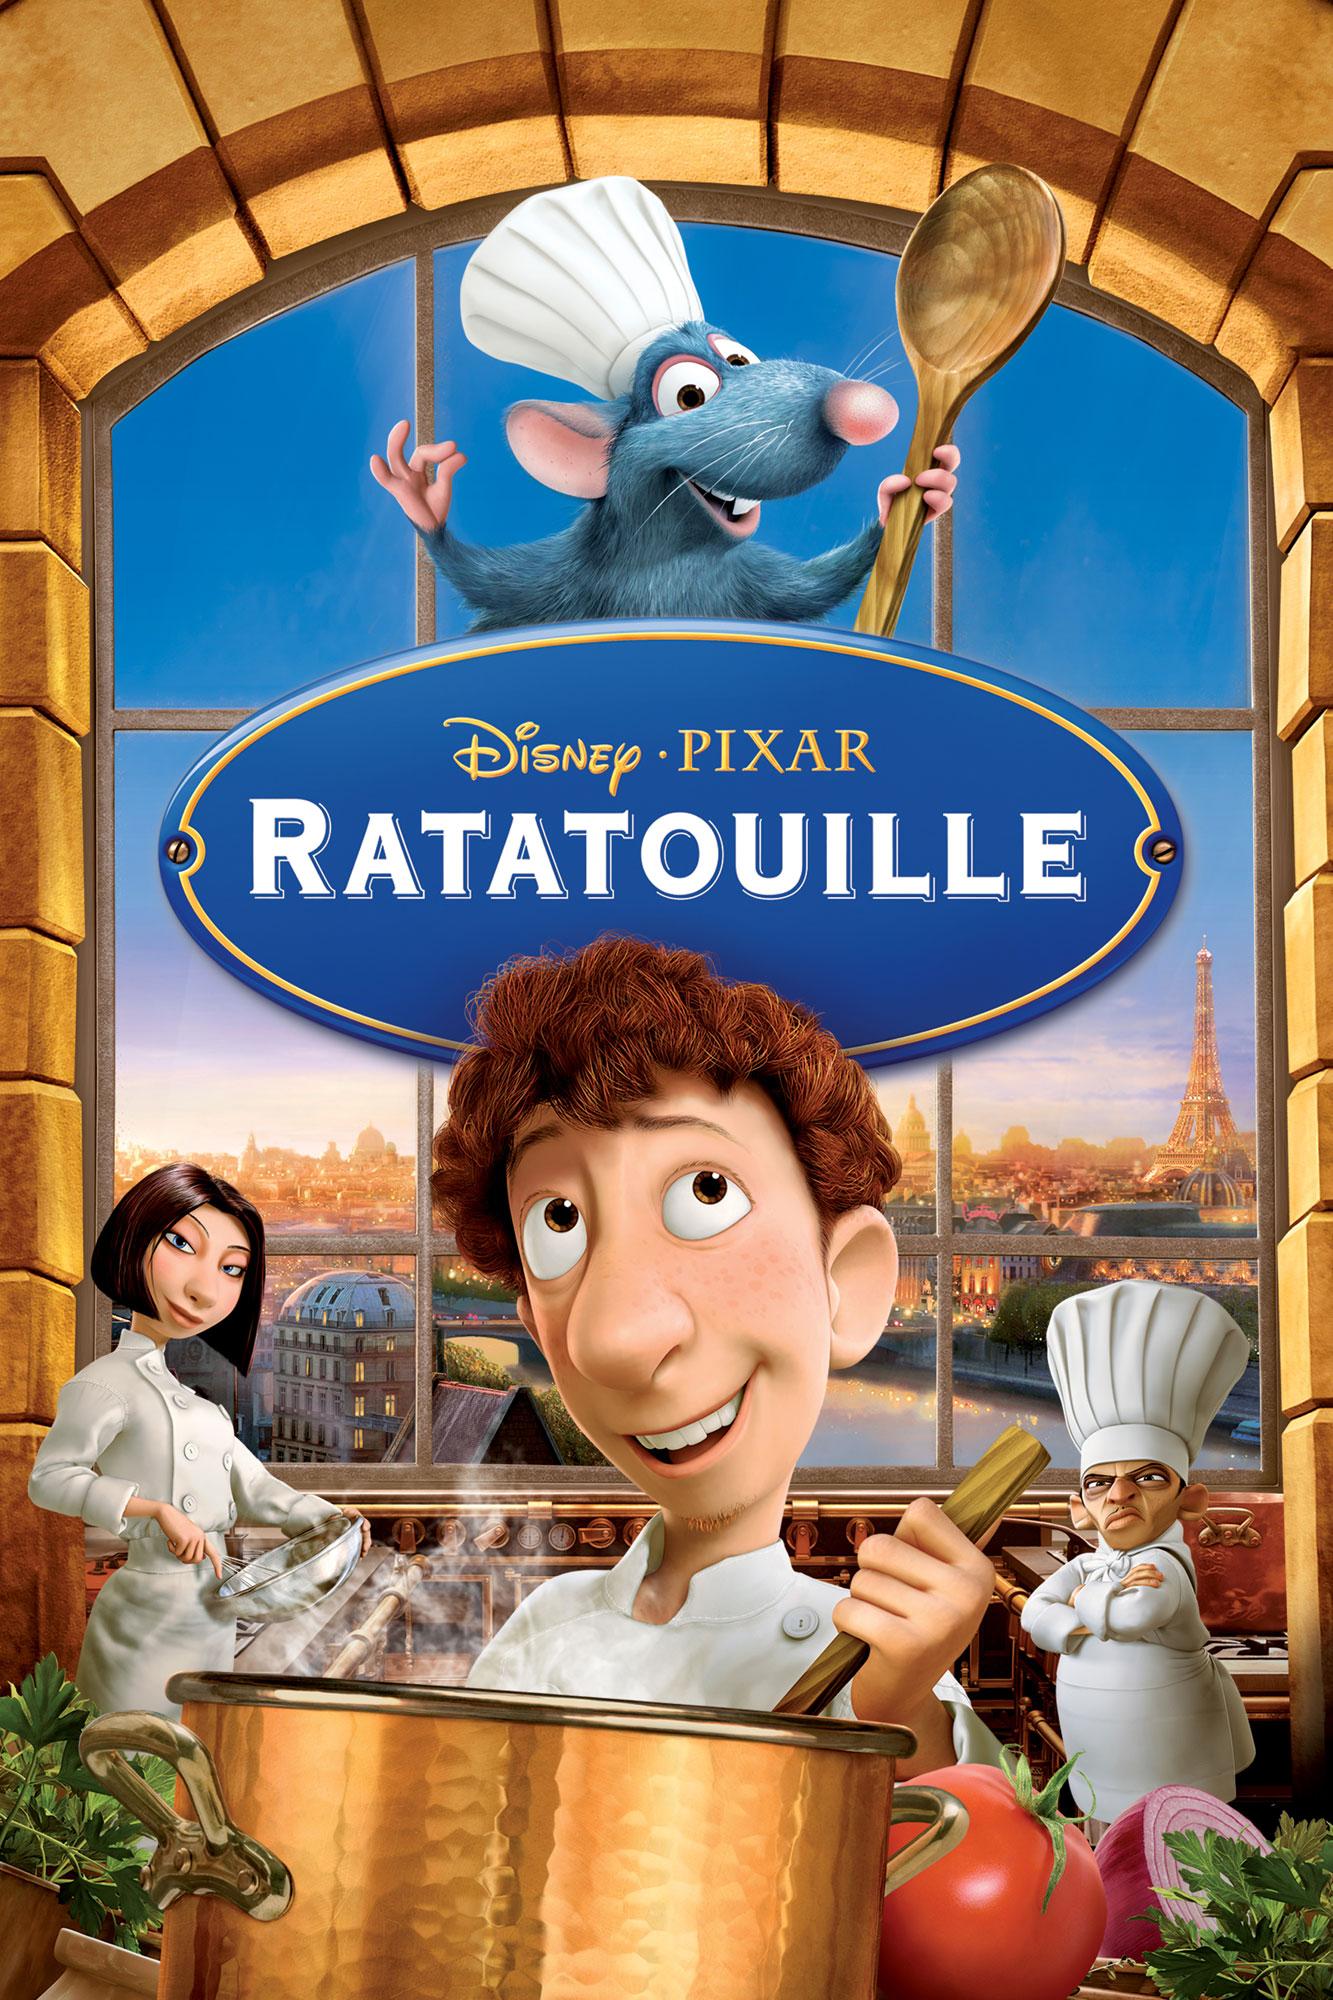 Ratatouille Pixar Images & Pictures - Becuo